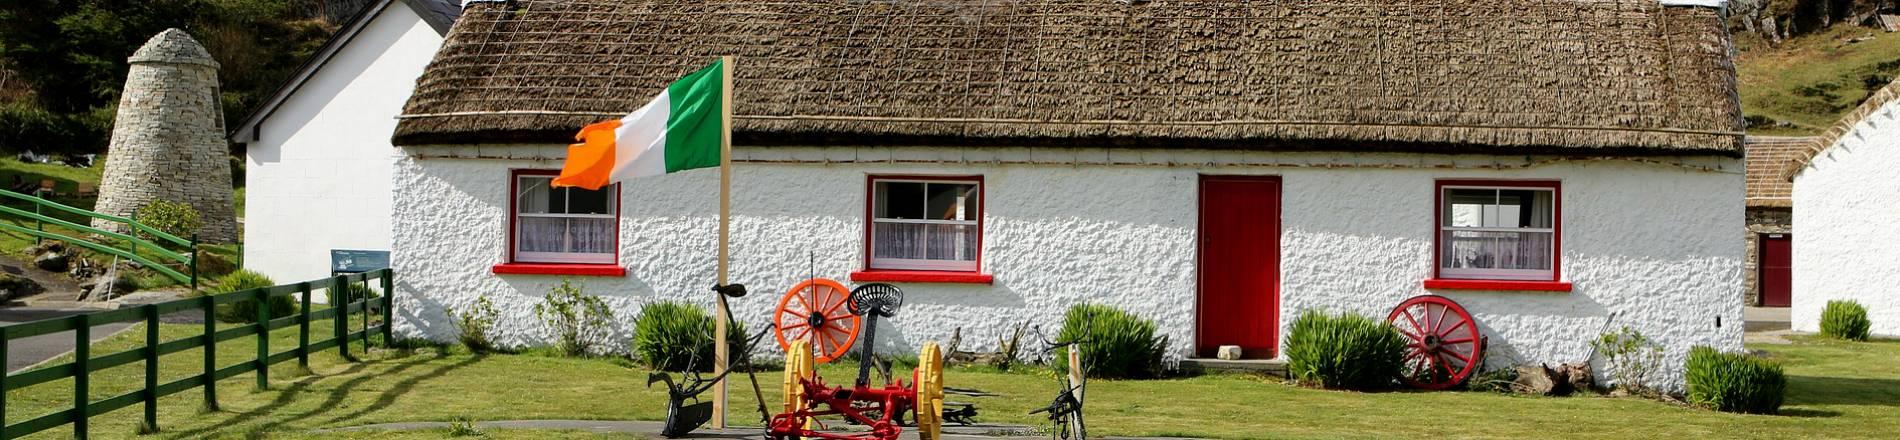 web mjesta za upoznavanje Limerick Irska sims servis 2